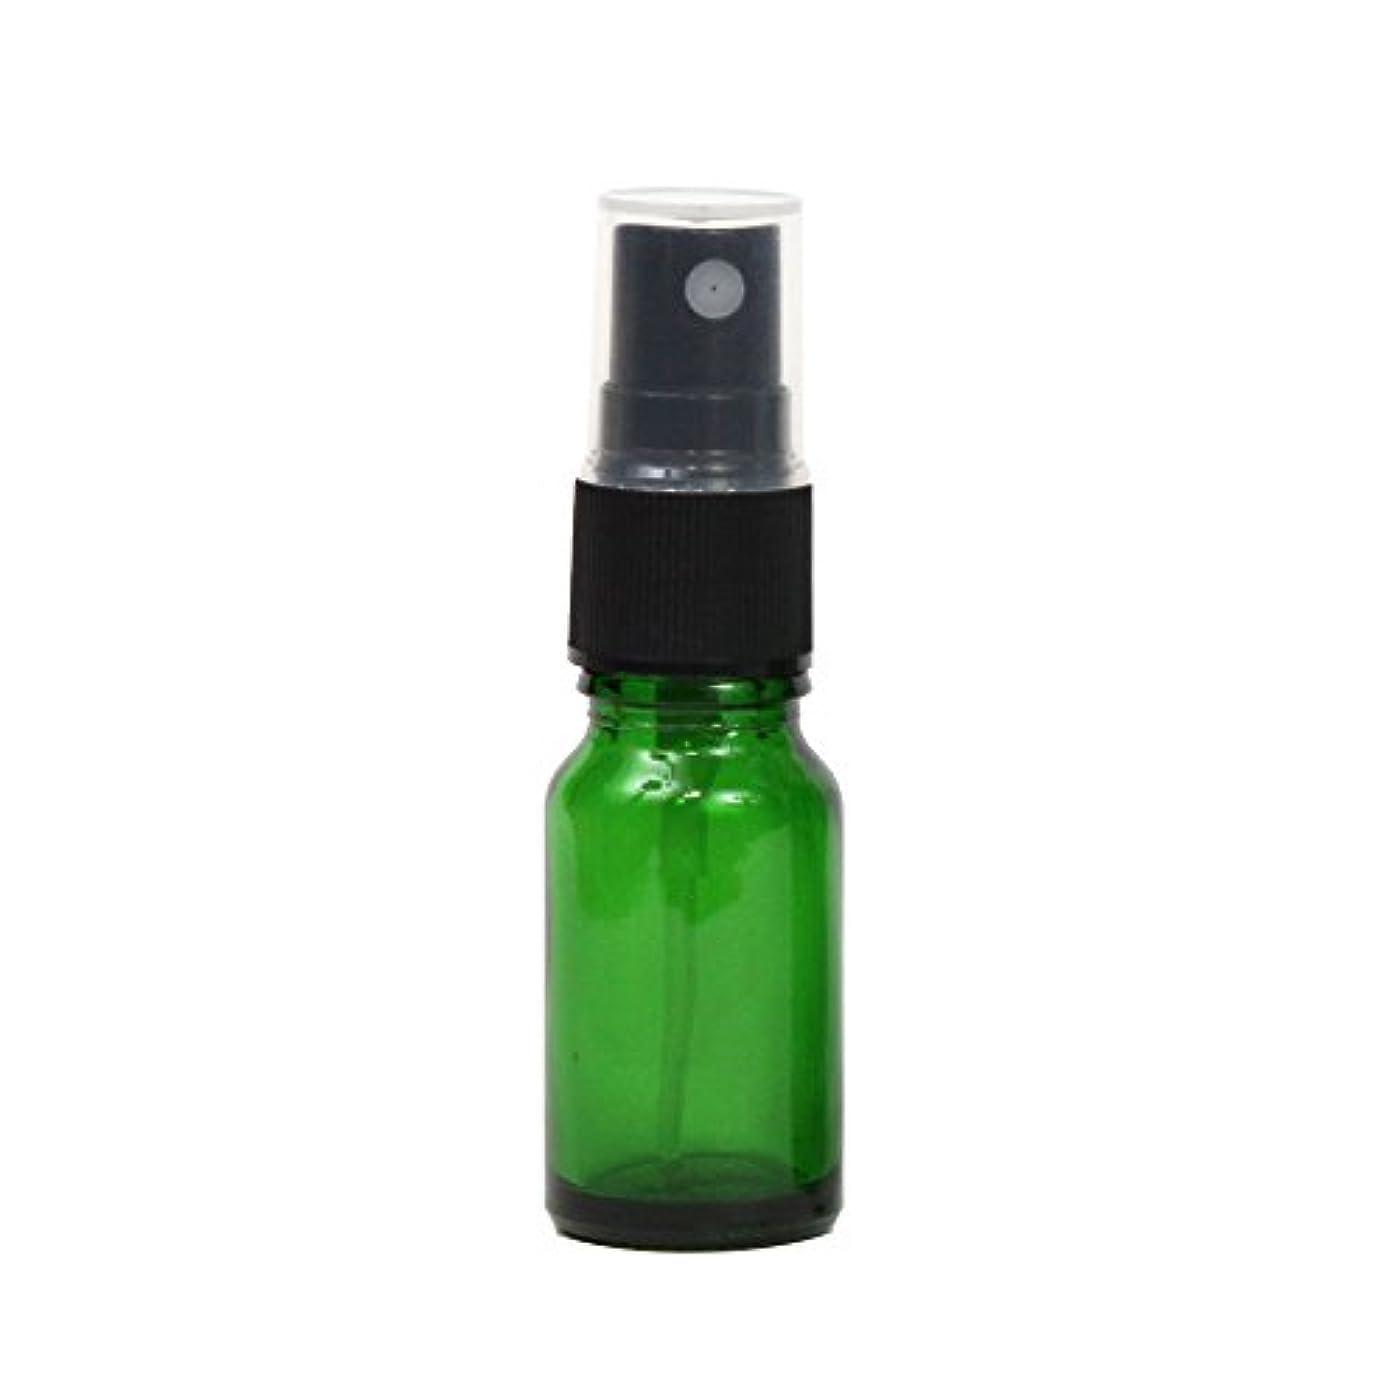 浅い宿題をするヘビスプレーボトル ガラス瓶 10mL 遮光性グリーン ガラスアトマイザー 空容器